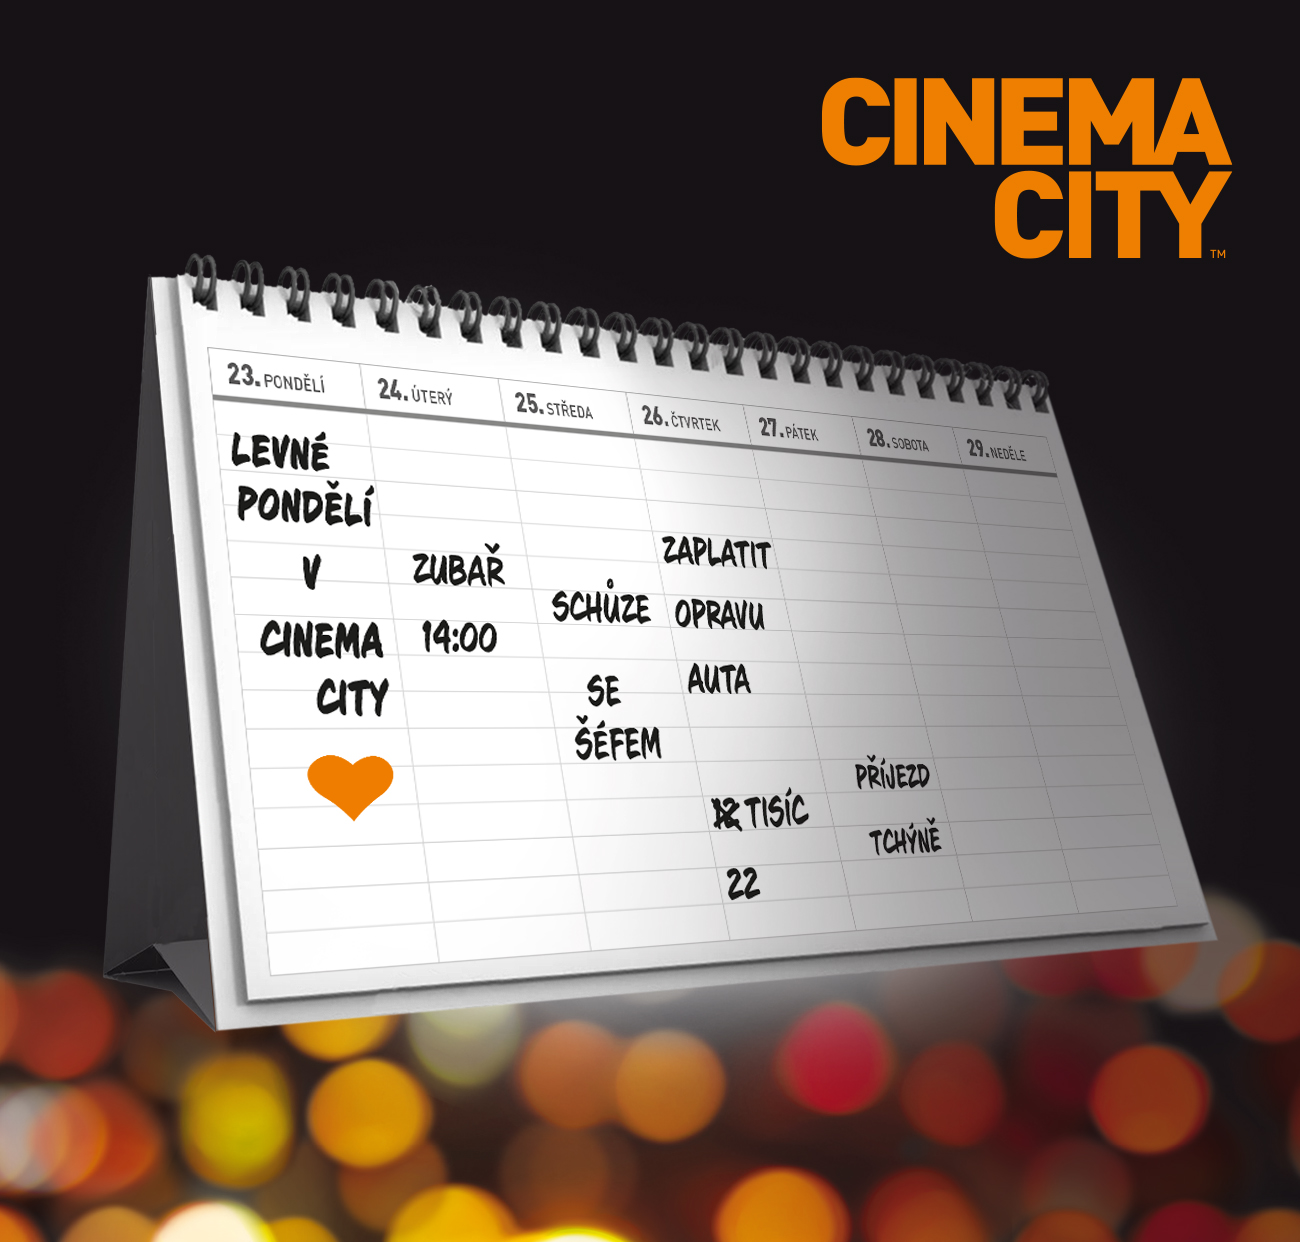 Cinema City Levné pondělí